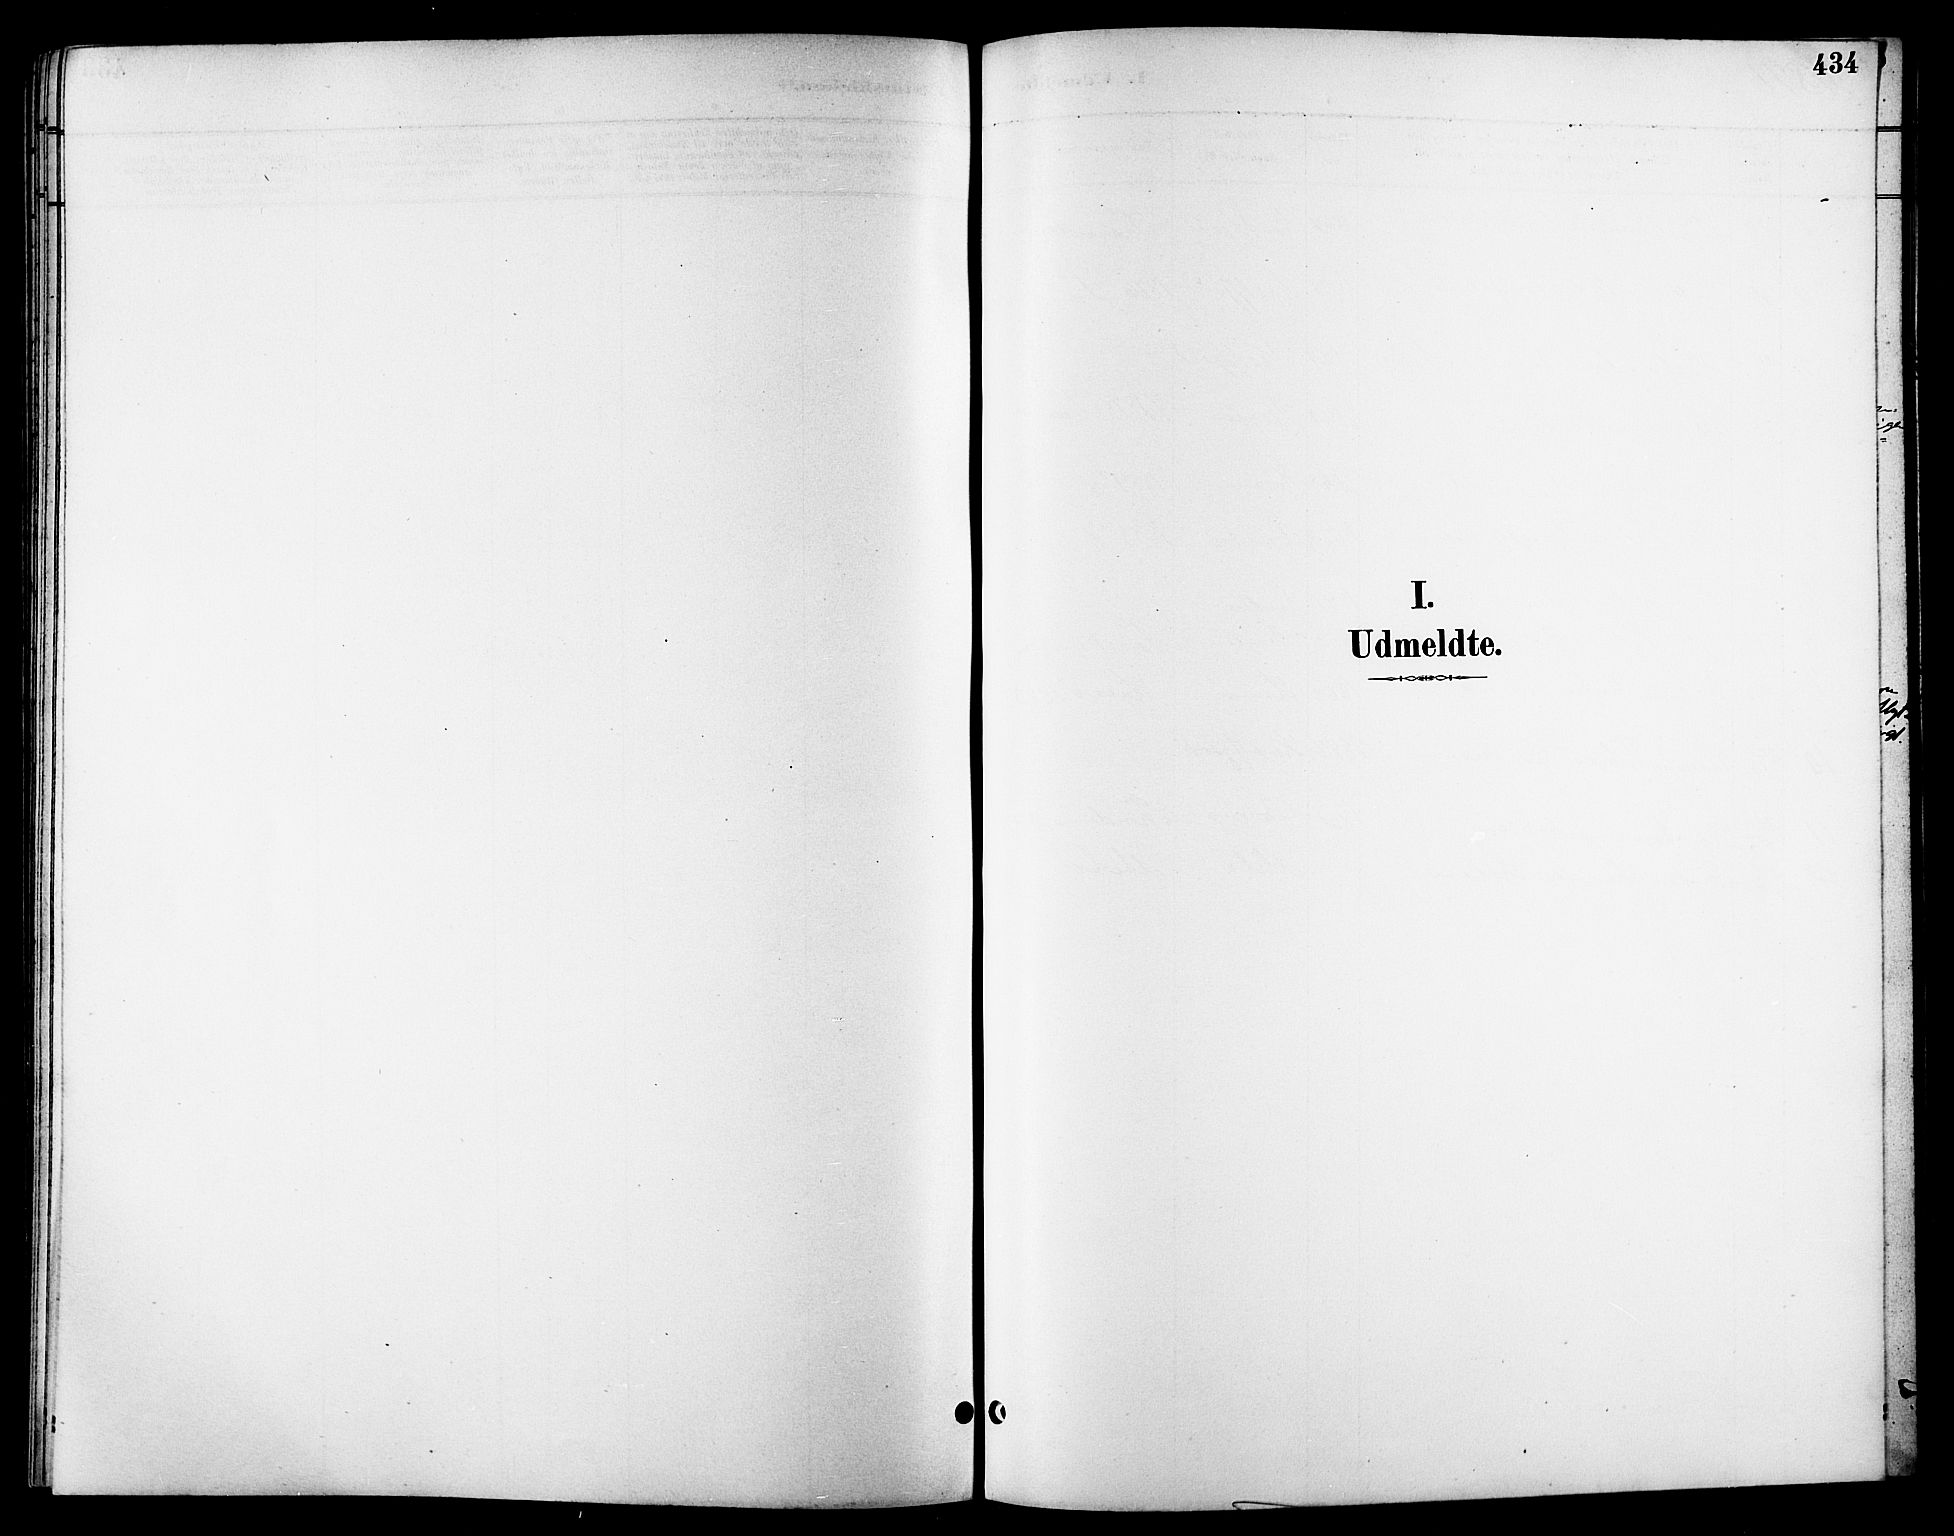 SATØ, Trondenes sokneprestkontor, H/Hb/L0011klokker: Klokkerbok nr. 11, 1891-1906, s. 434